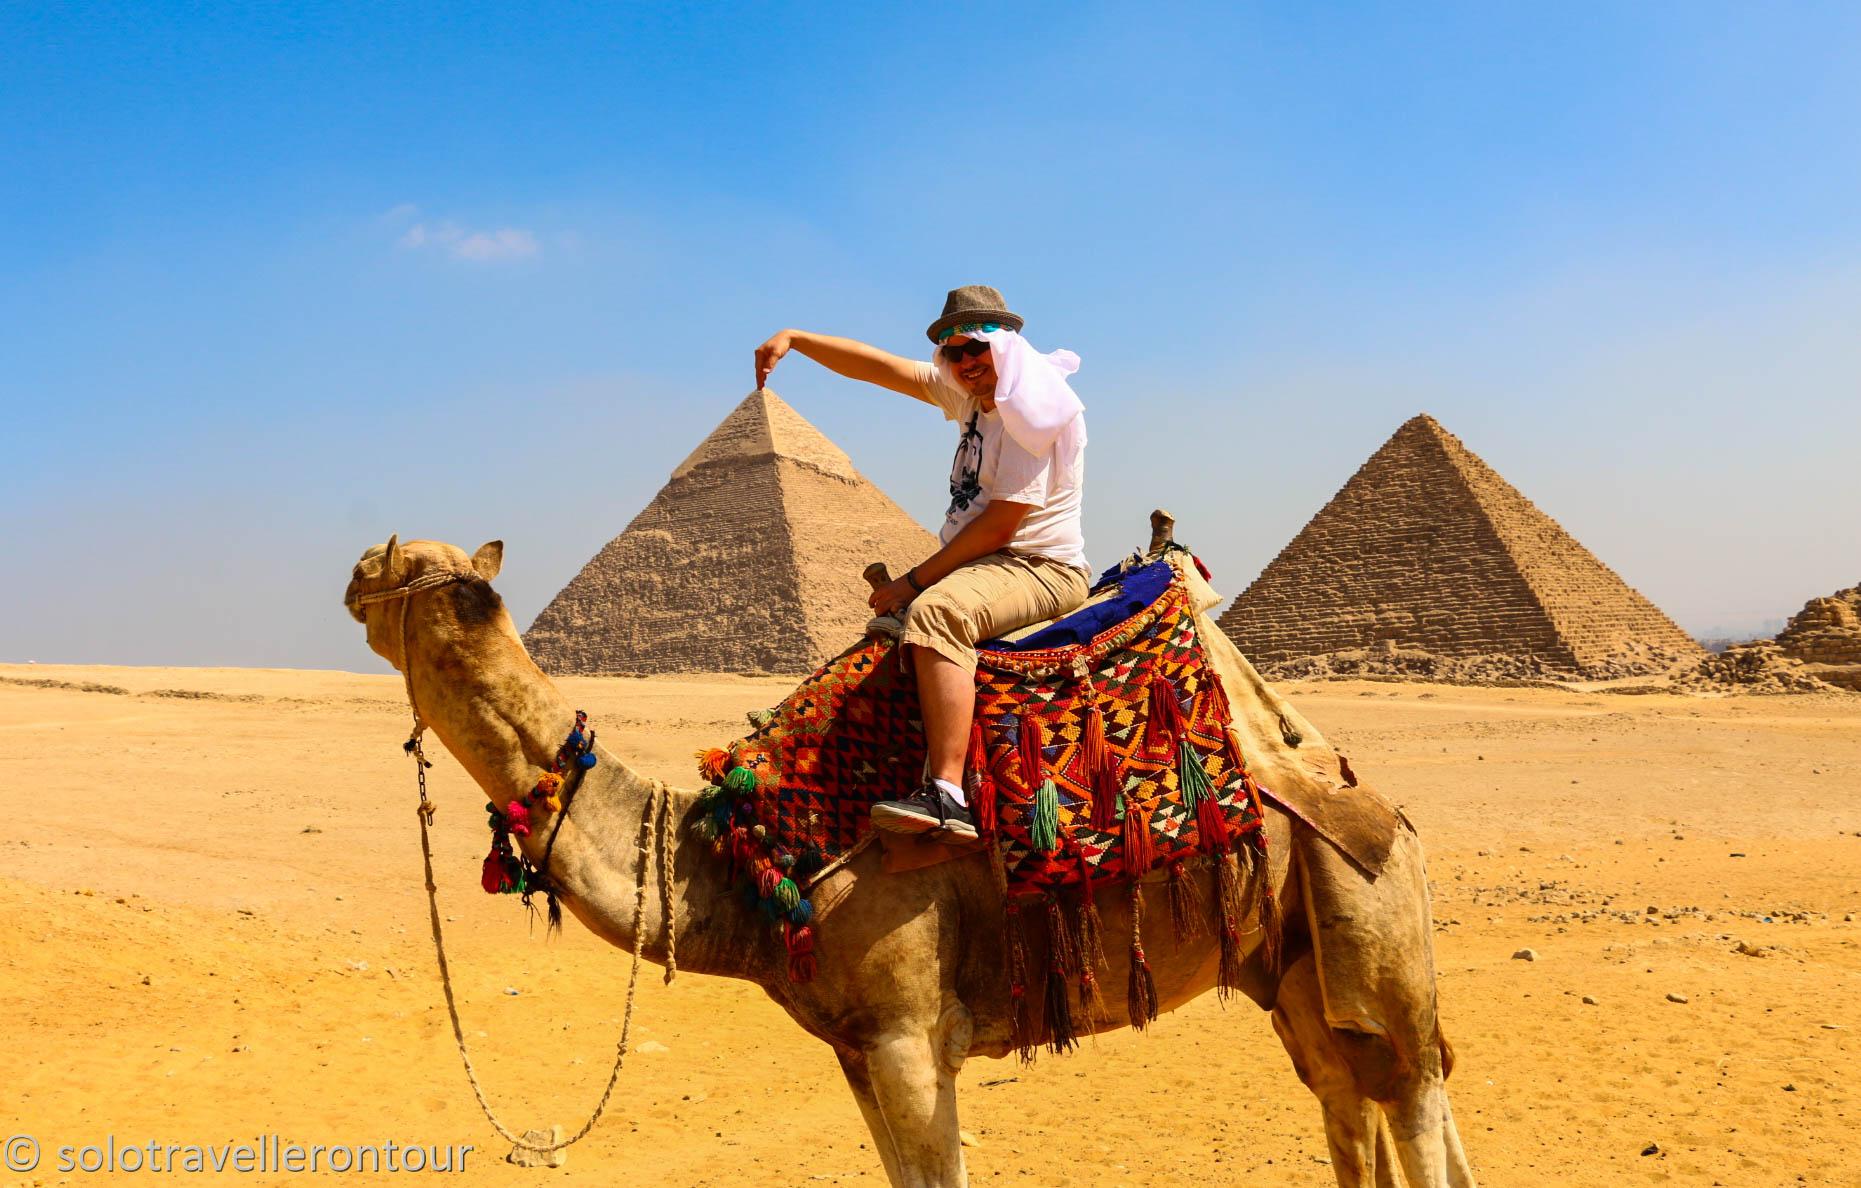 6 – Explorer of the Pyramids